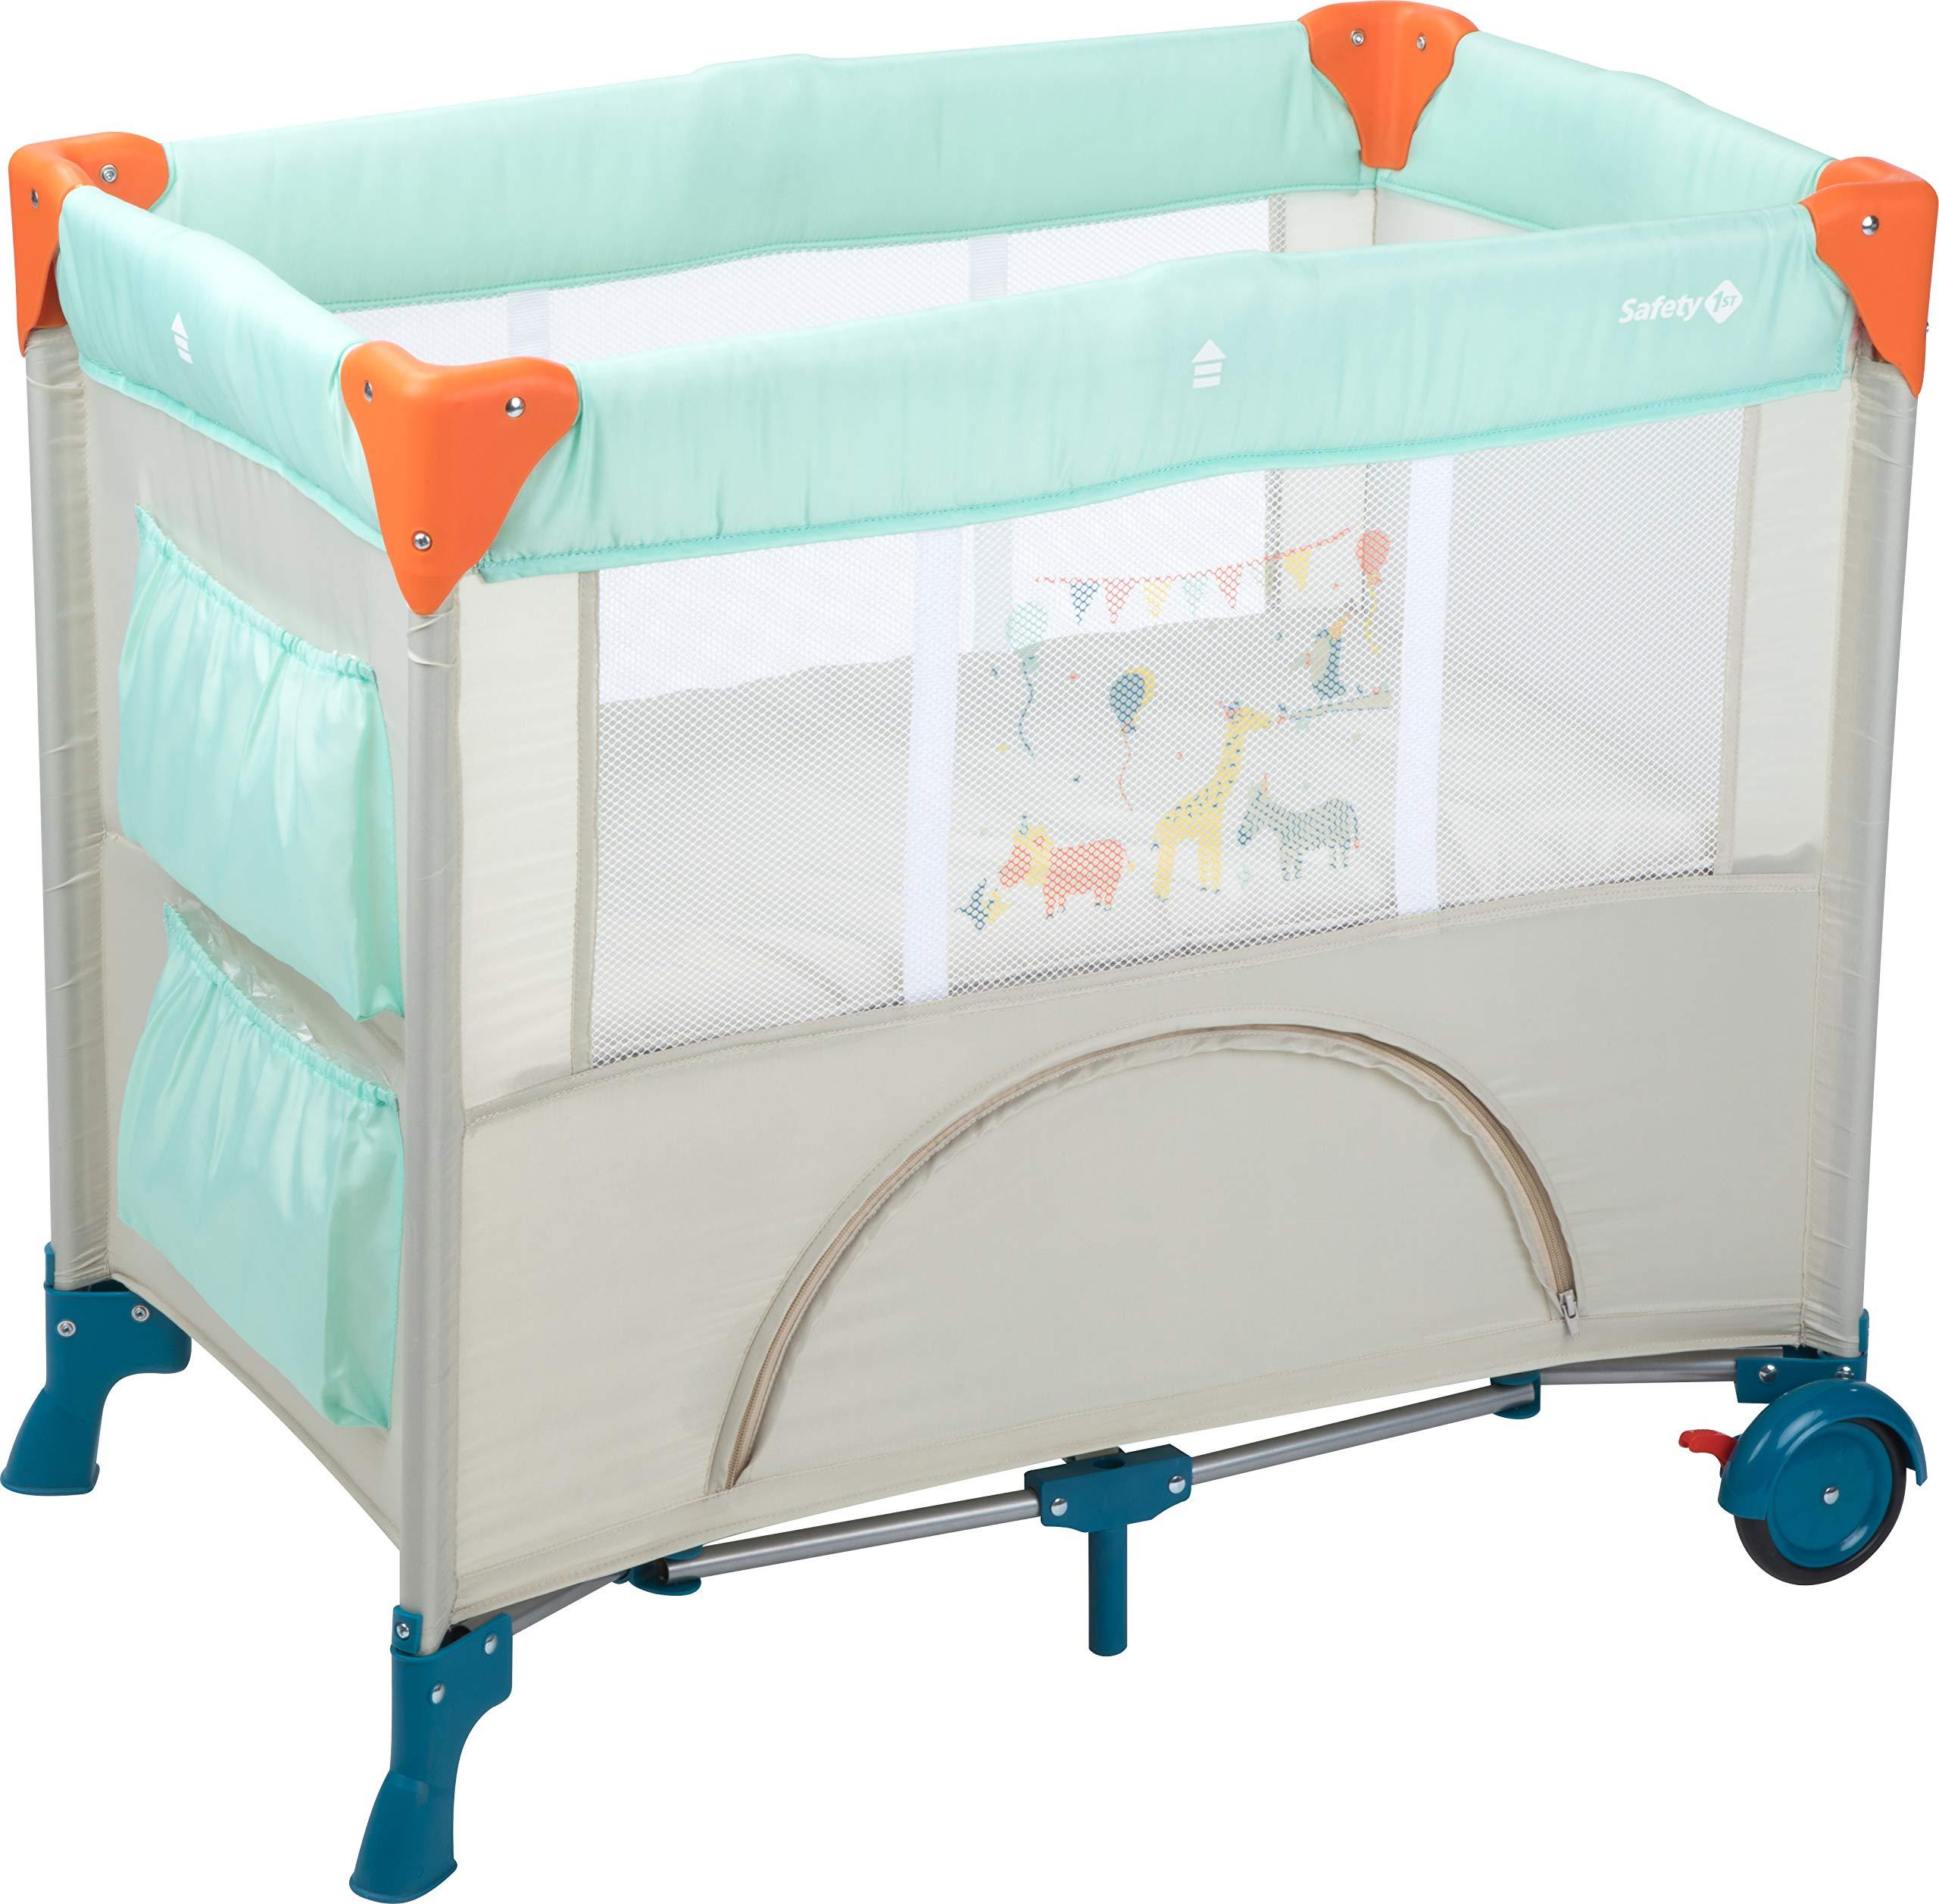 Materassino Da Campeggio Per Bambini.Safety 1st Mini Dreams Culla Da Viaggio Lettino Da Campeggio Per Bambini E Neonati Con Materassino E Vano Portaoggetti